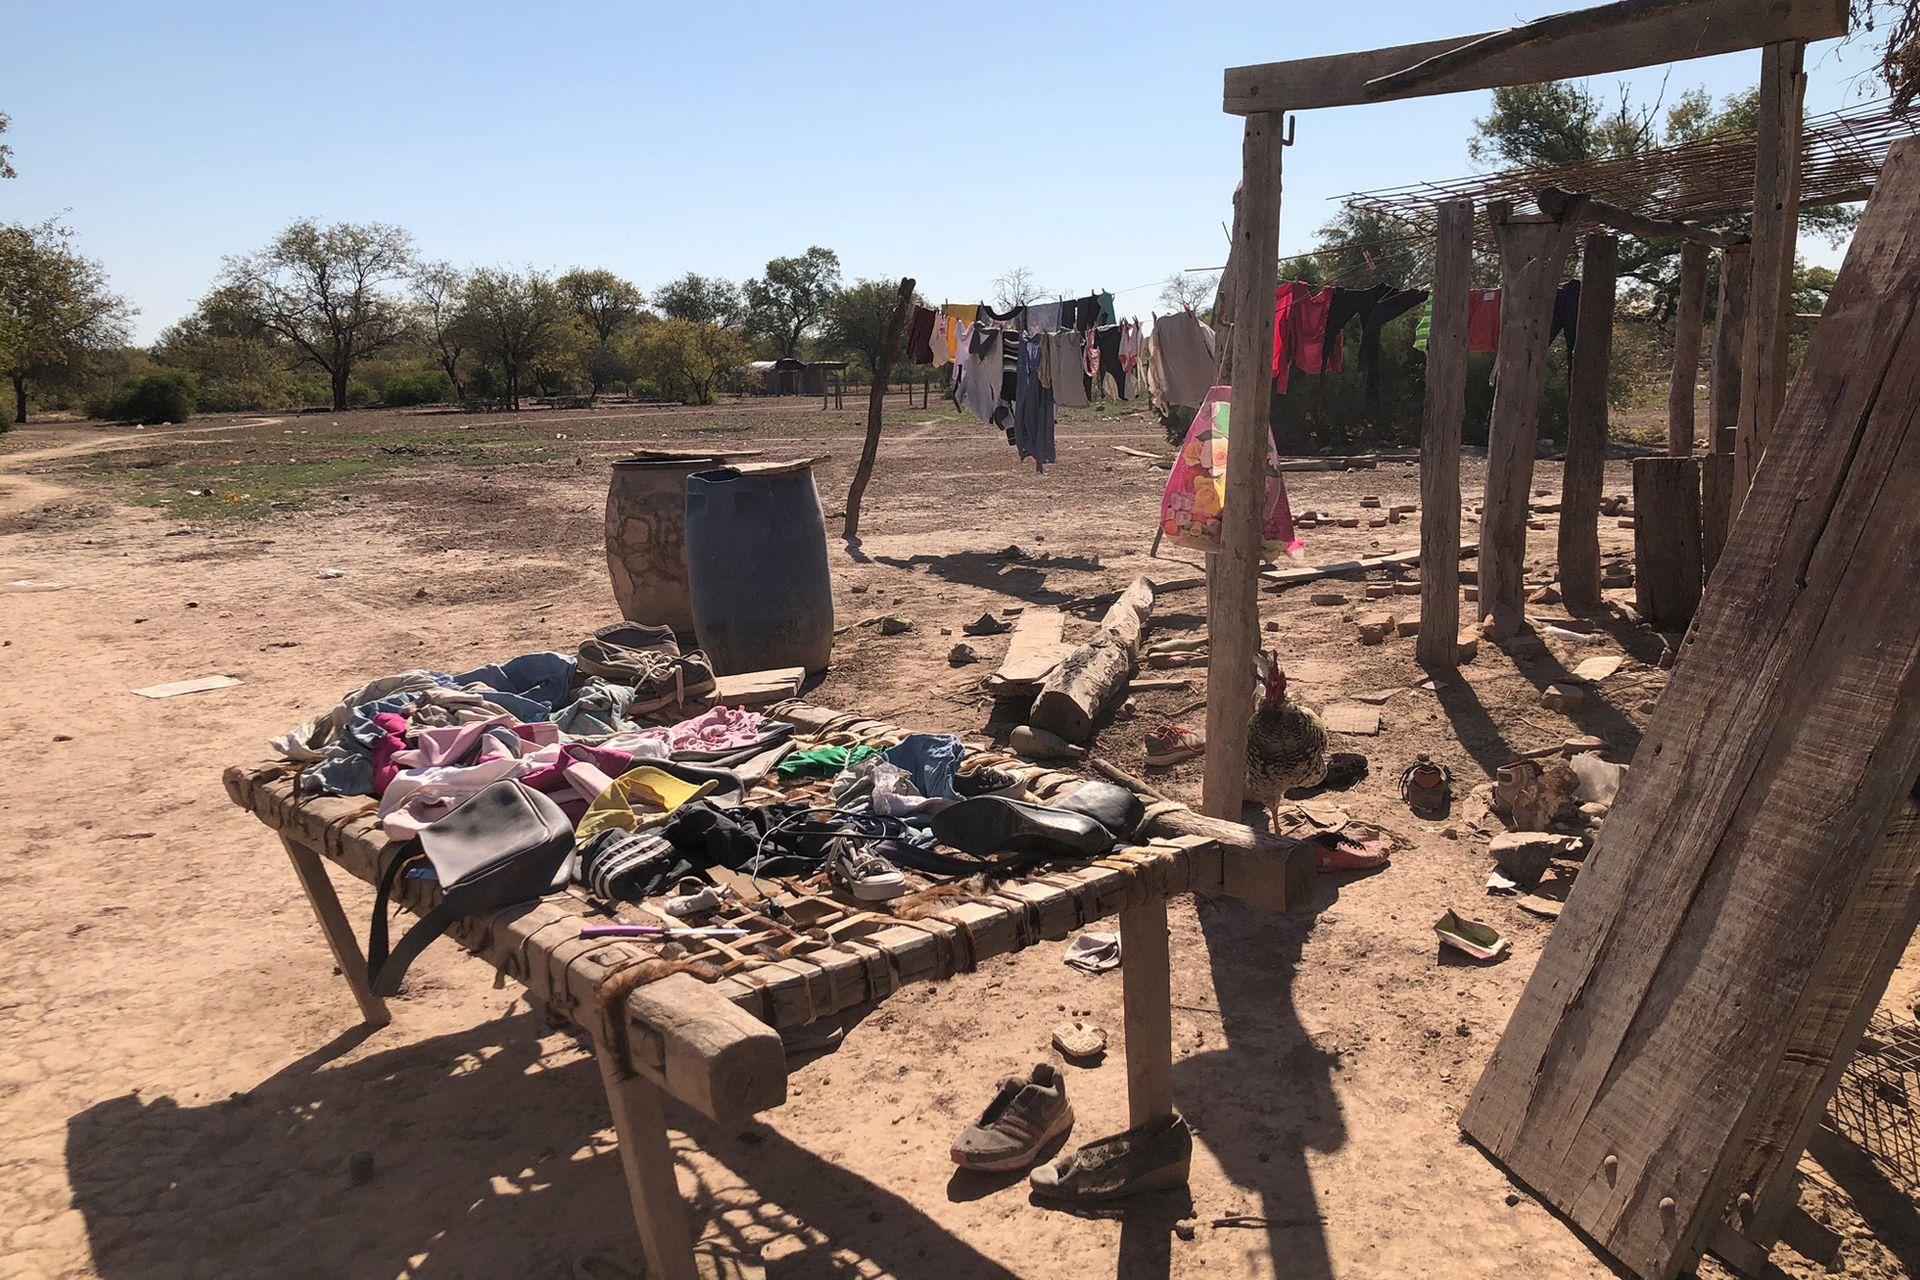 Los Miranda viven en El Hoyo en un estado de completo abandono por parte del Estado y aislados por caminos intransitables. Usan una cama vieja para secar la ropa al sol, que muchas veces se vuelve a llenar de polvo y hay que volver a lavar.